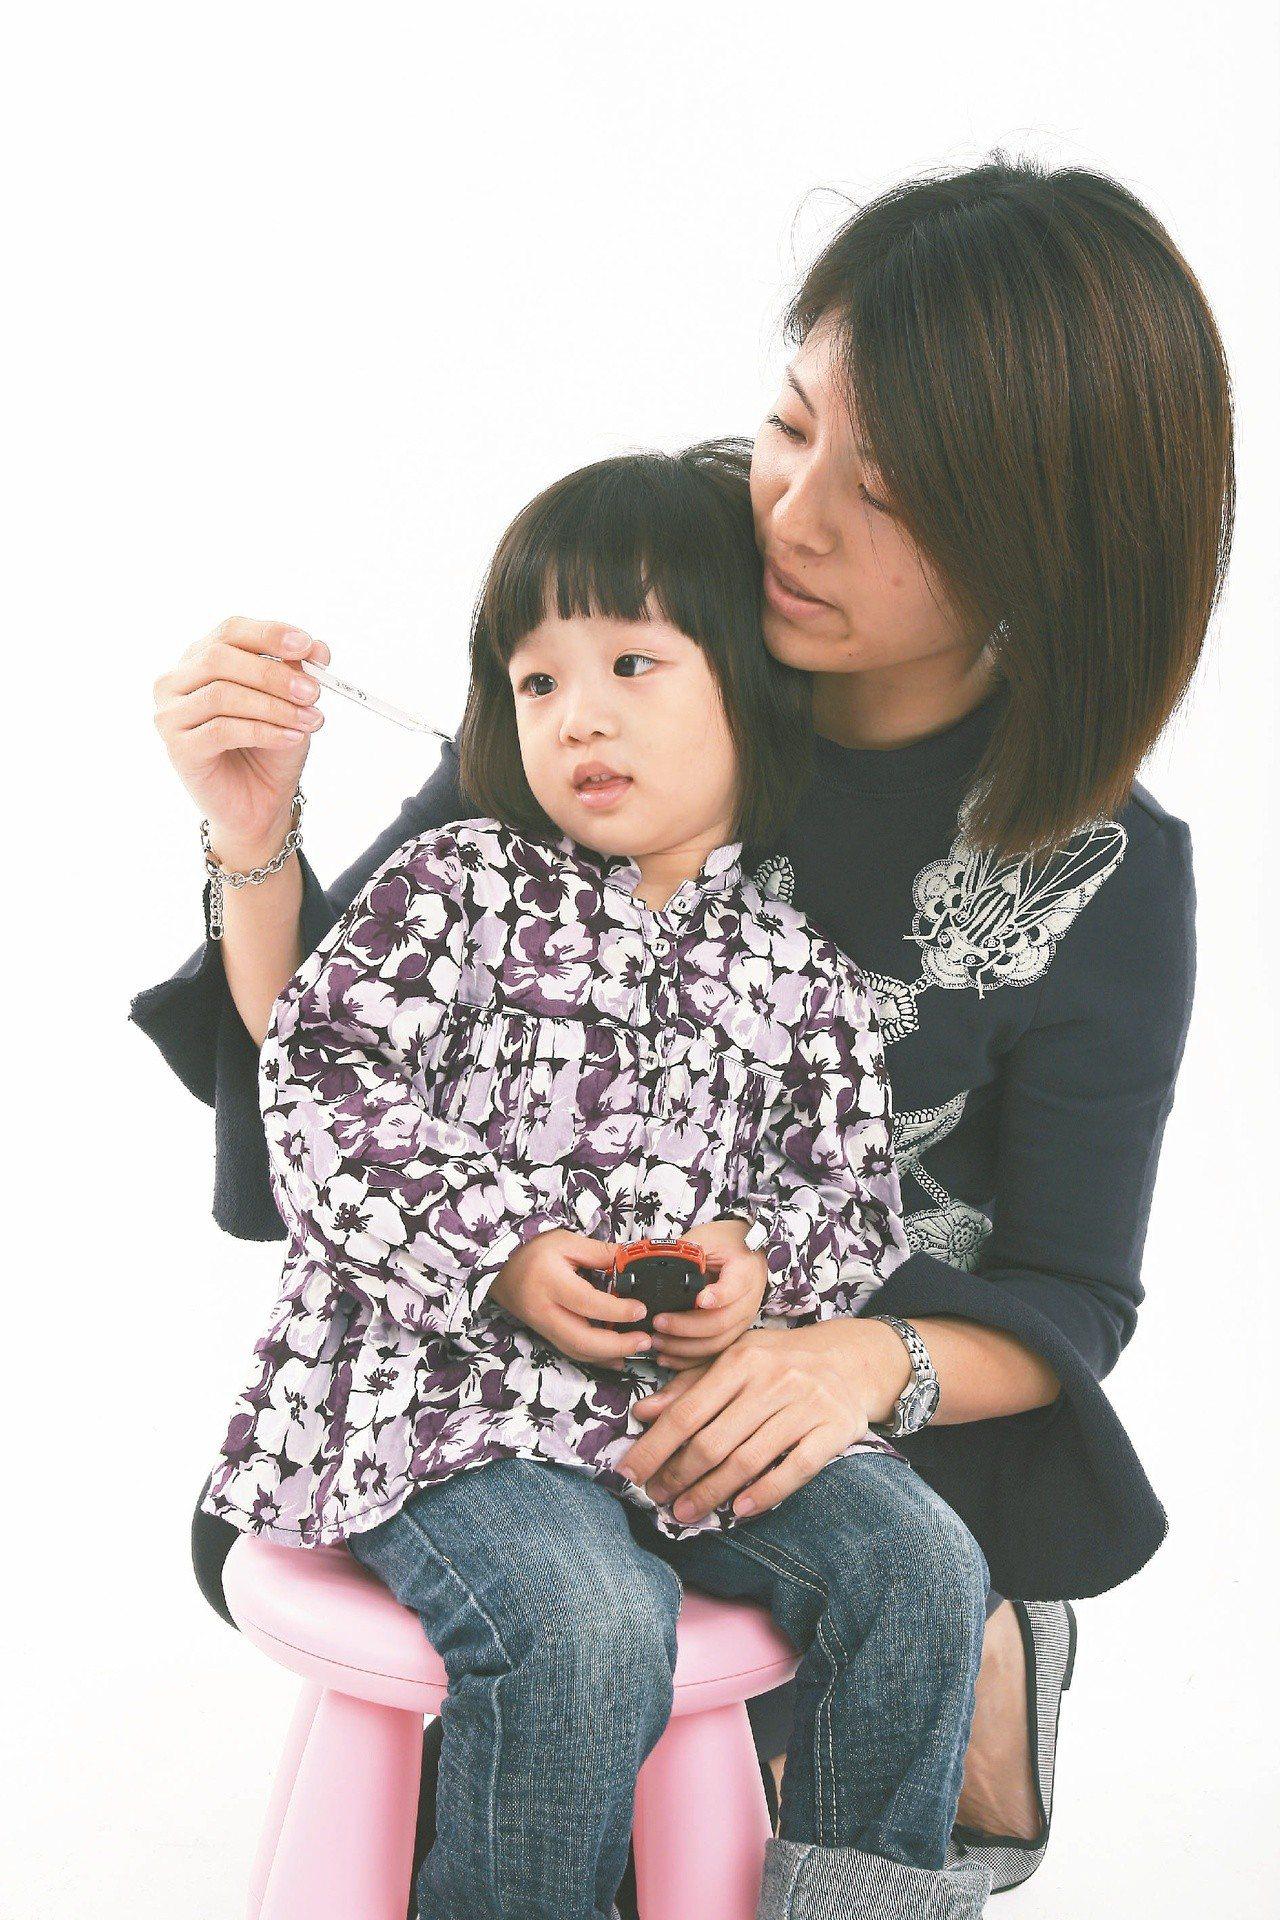 感染流感、輪狀病毒,孩子易出現發燒、腹瀉、活動力下降等情形。圖/本報資料照片